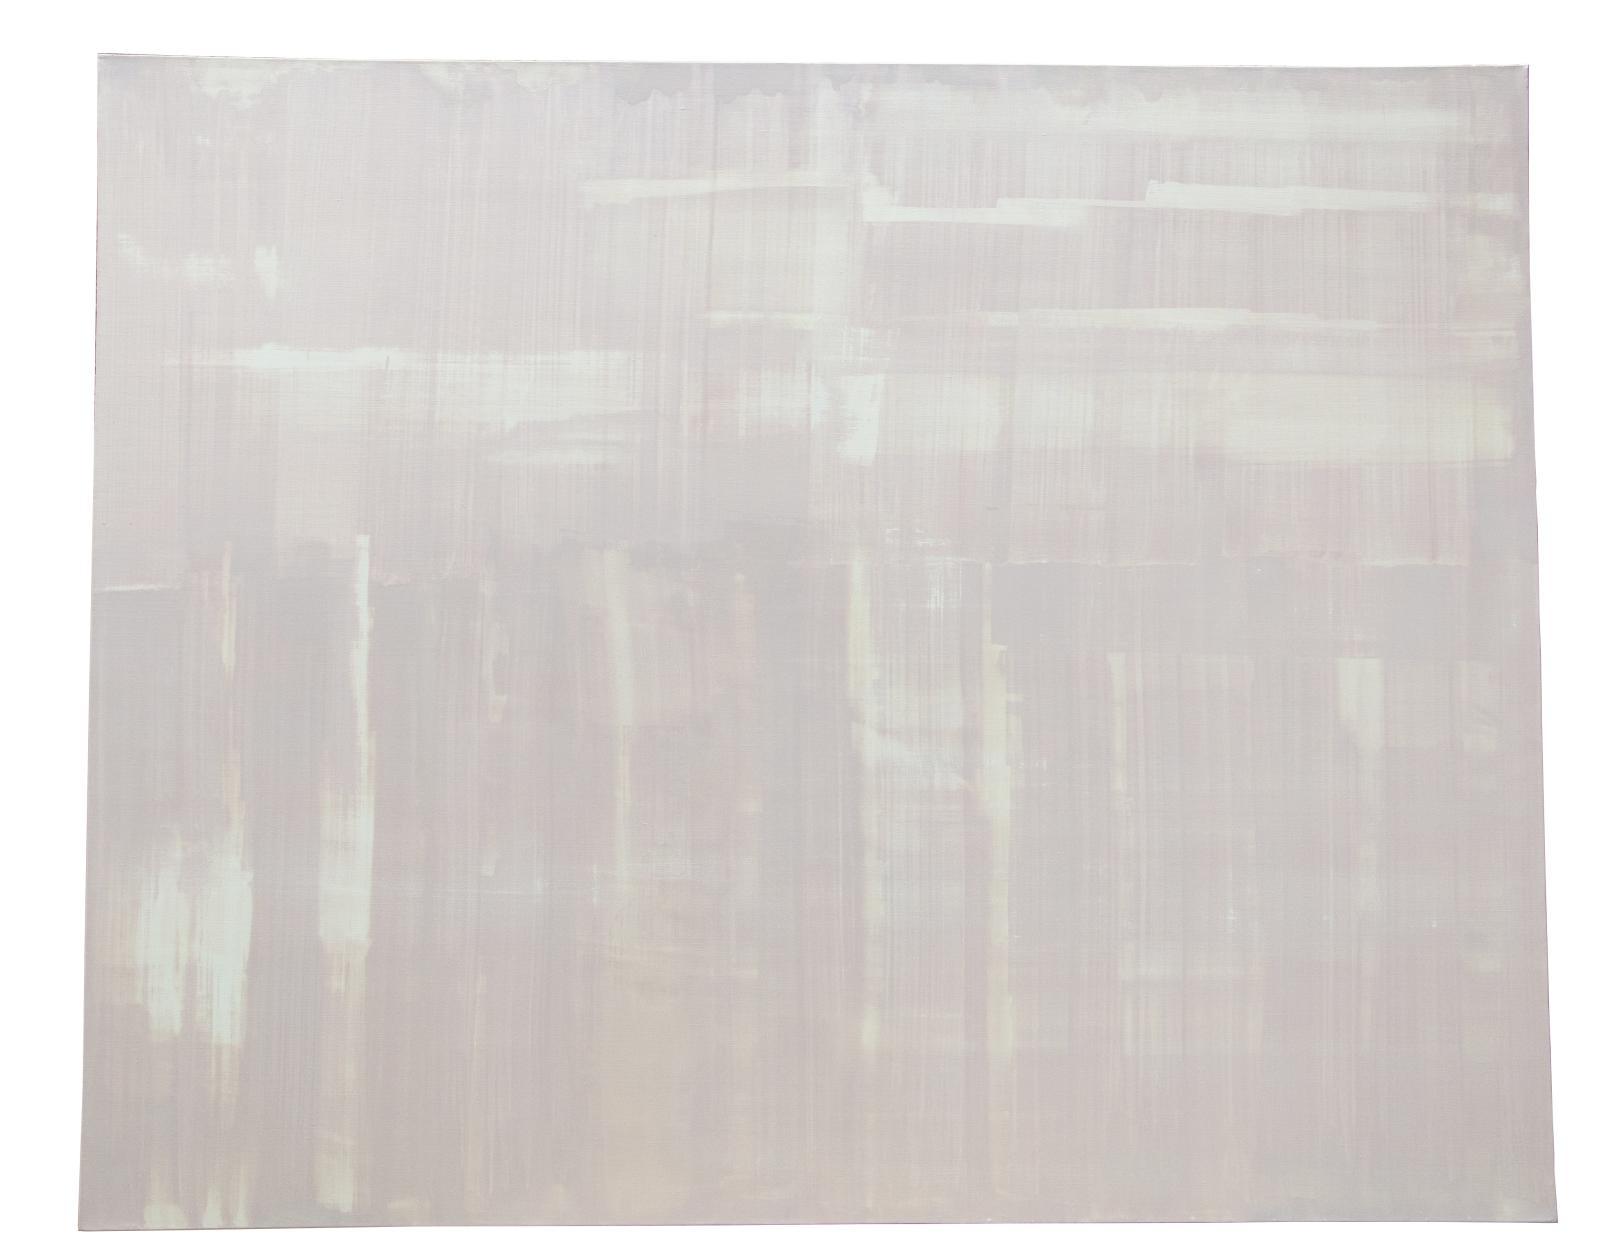 François Aubrun, Untitled #669, 2003